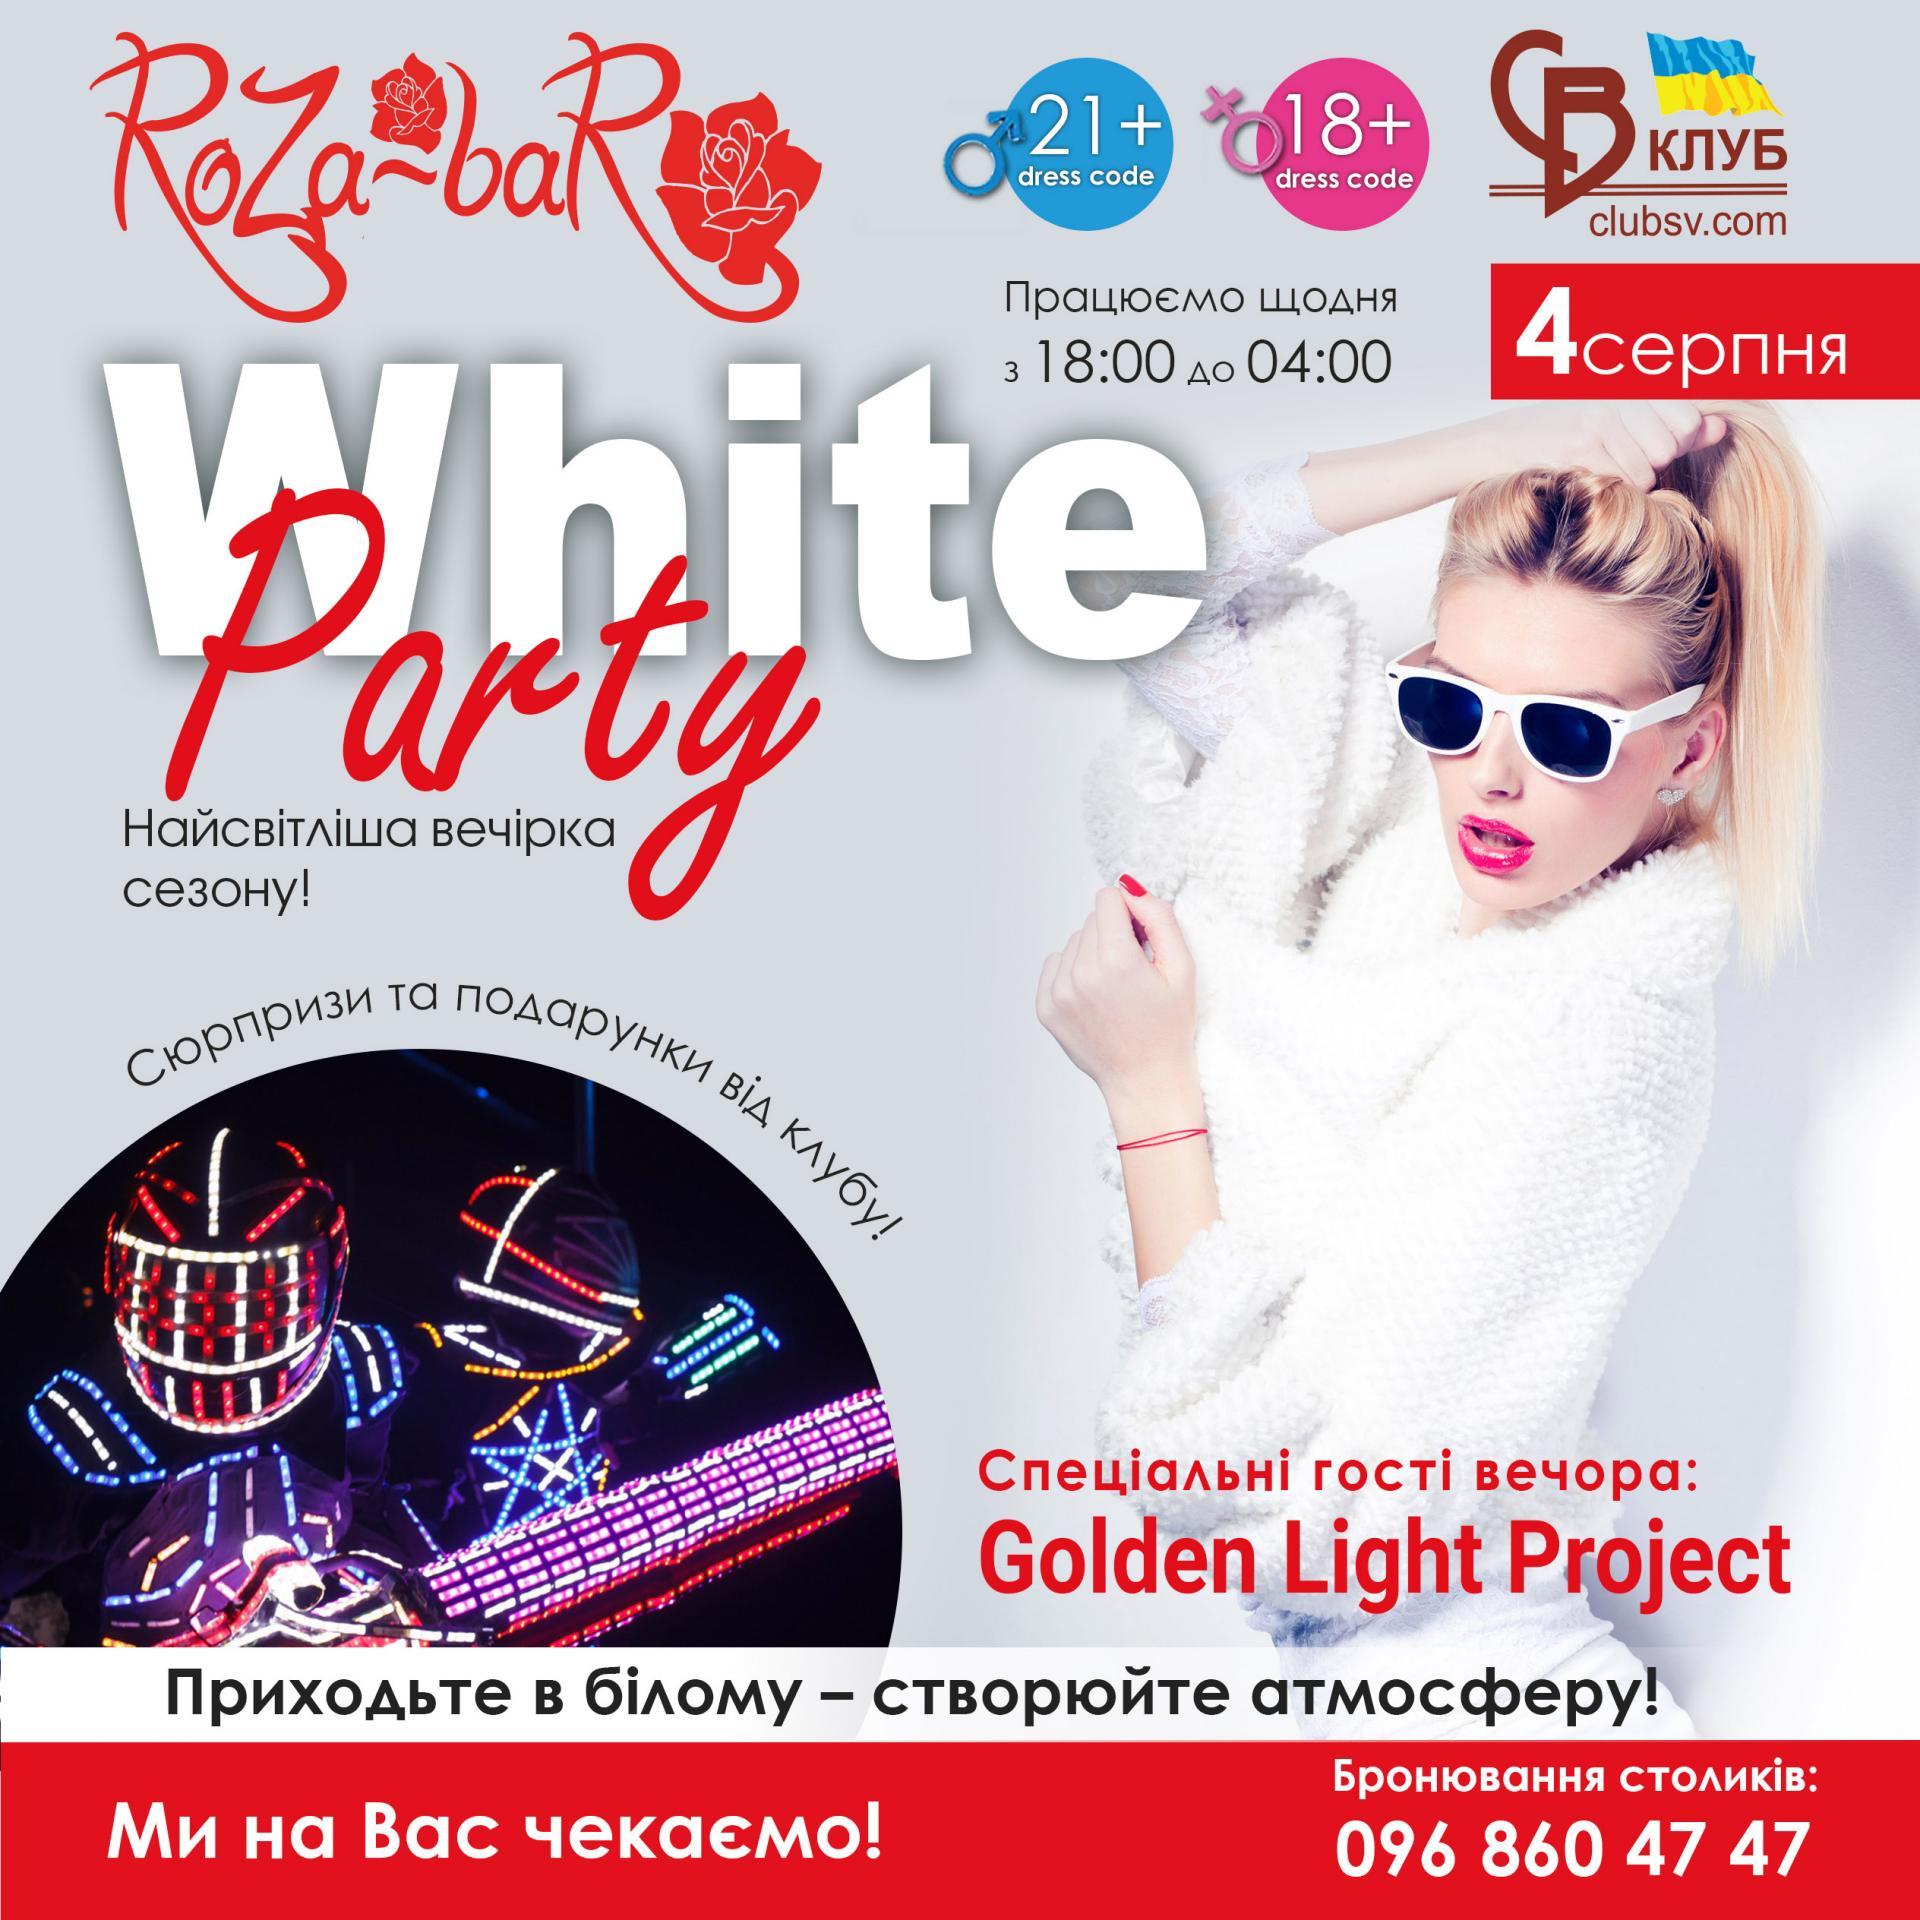 біла вечірка в диско клубі Роза Бар Хмельницького